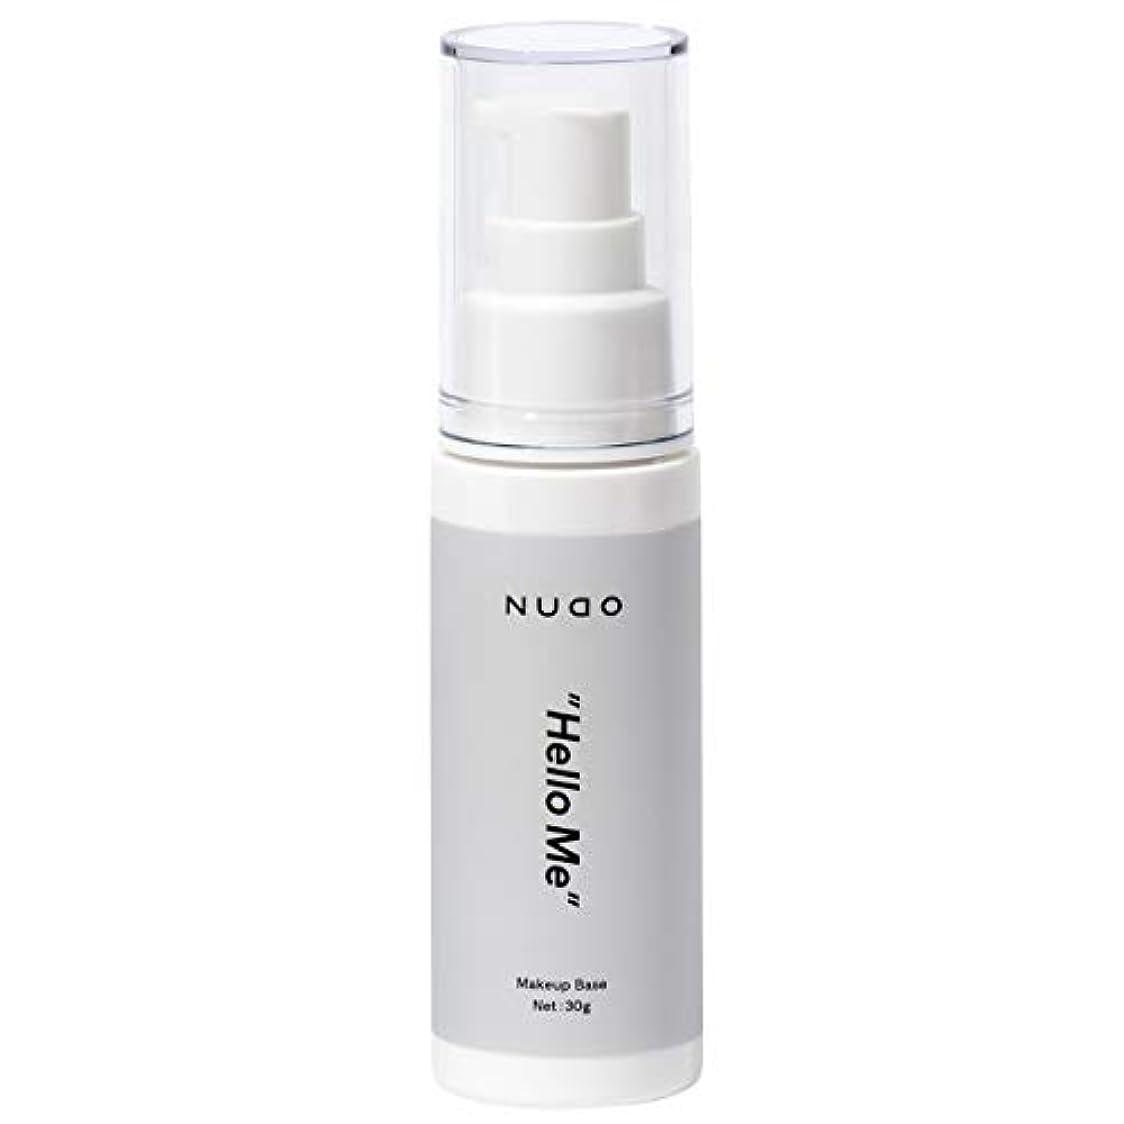 NUDO (ヌード) モイストベースクリーム BBクリーム コンシーラー ファンデーション メンズ メンズコスメ 毛穴/ニキビ跡/クマ/青ひげ/シミ を保湿しながら自然にカバー 30g